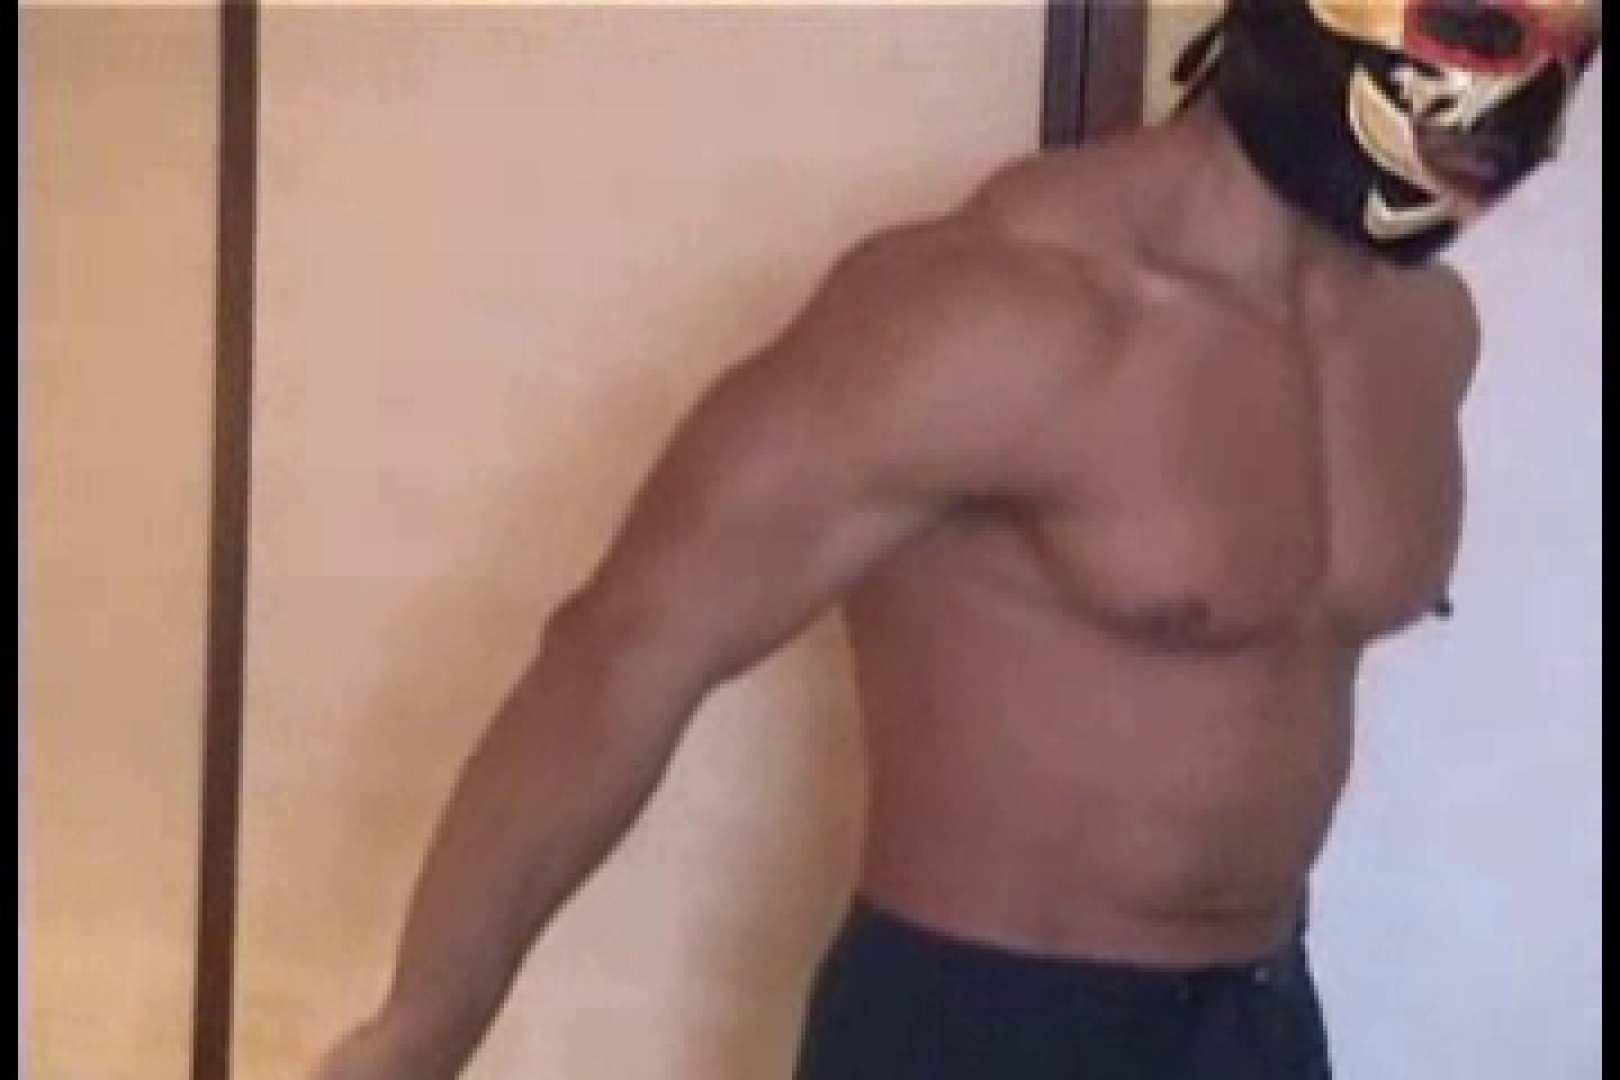 性器の味方ムキムキ覆面マッチョマン 手淫 ゲイ無修正画像 105枚 3